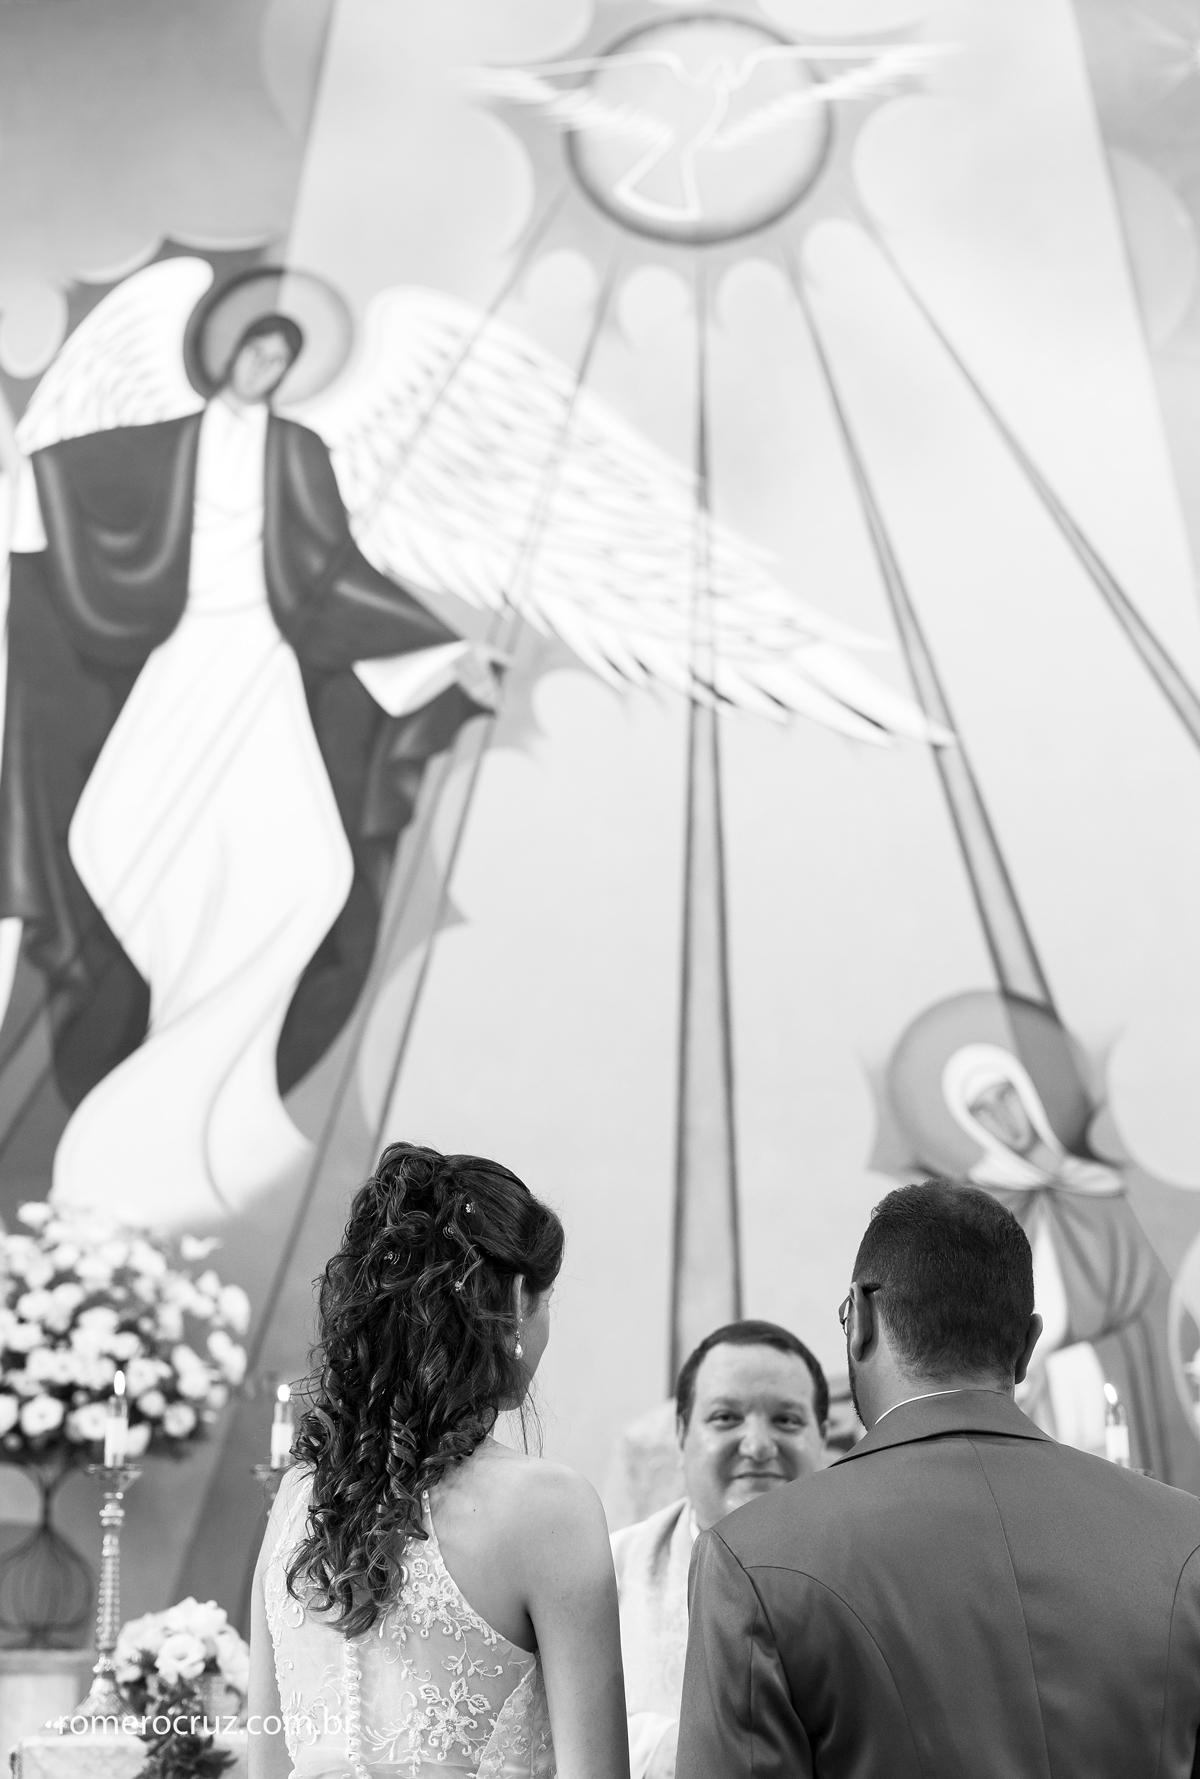 Casal de casa na Igreja Verbo Divino na fotografia de Romero Cruz